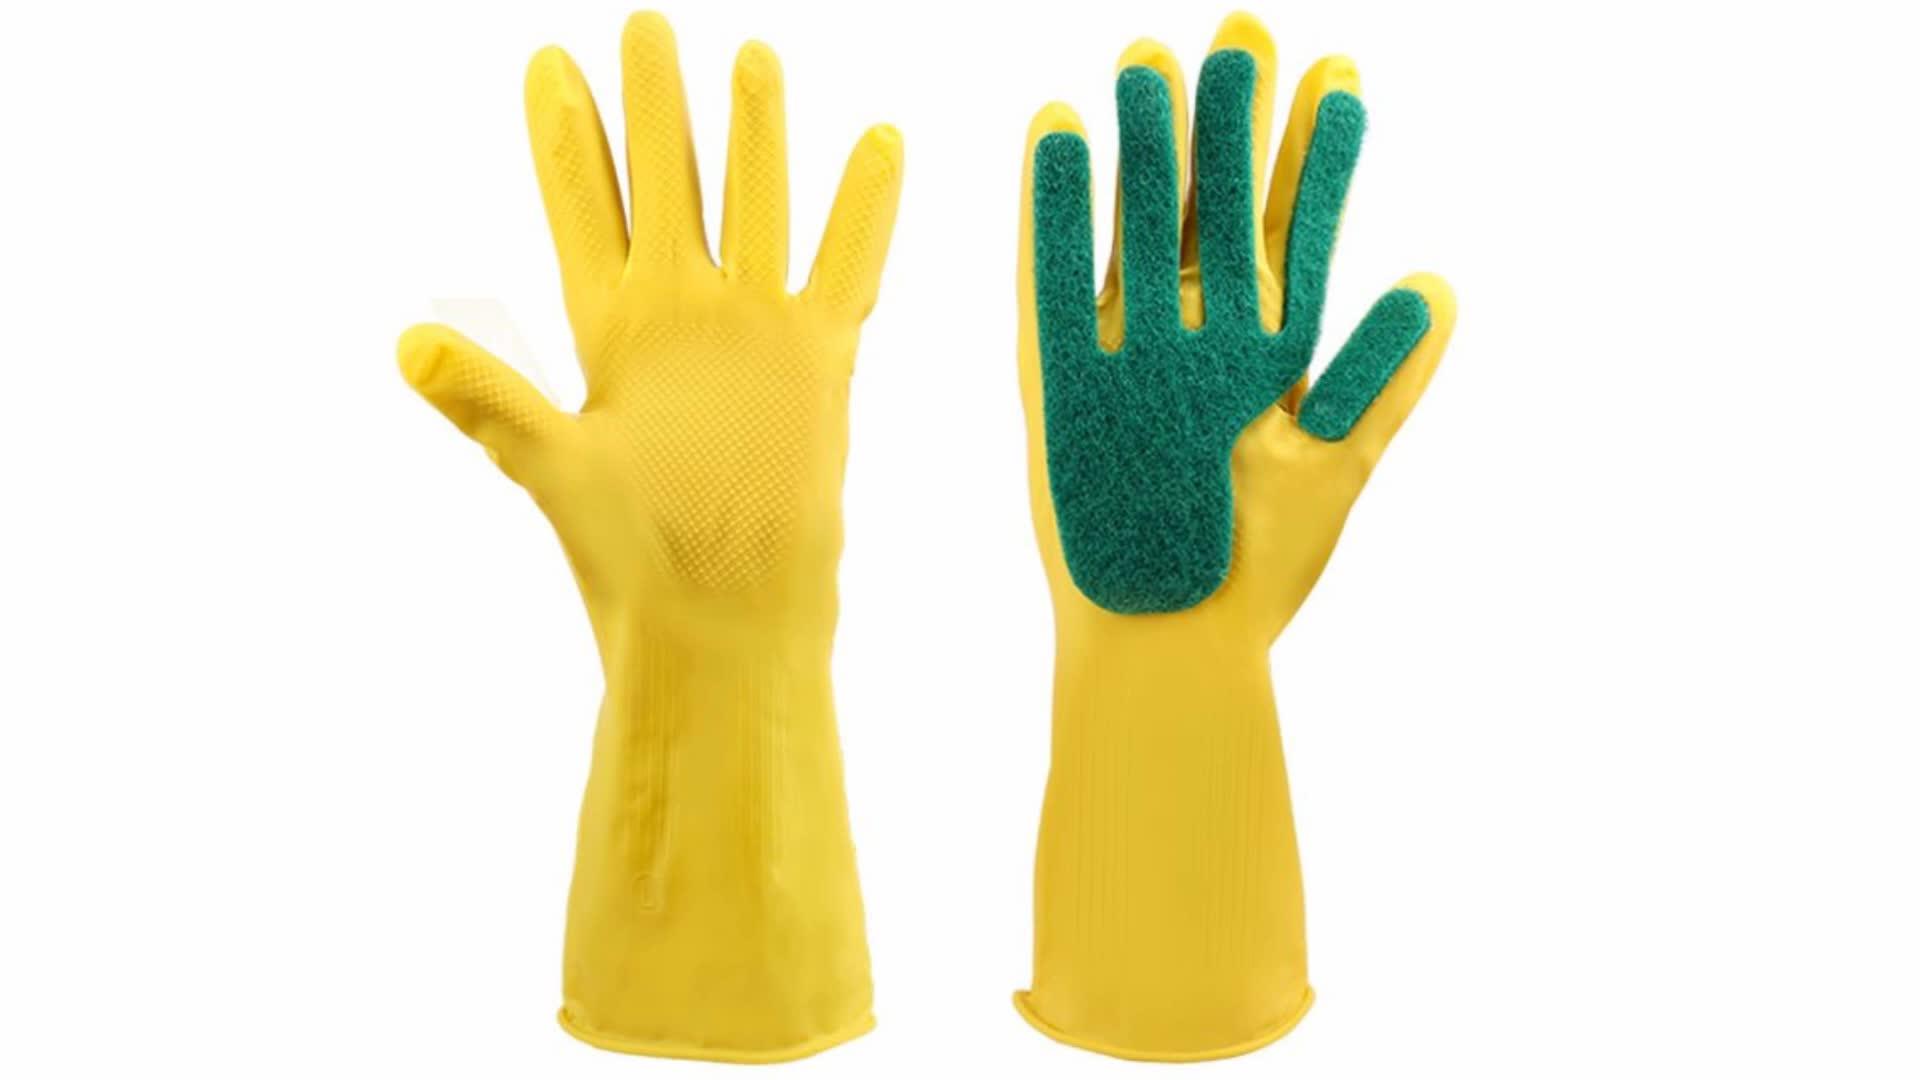 Hot Haushalts Silikon Rubber Dish Waschen Handschuhe latex gummi küche dish waschen handschuhe Für Reinigung